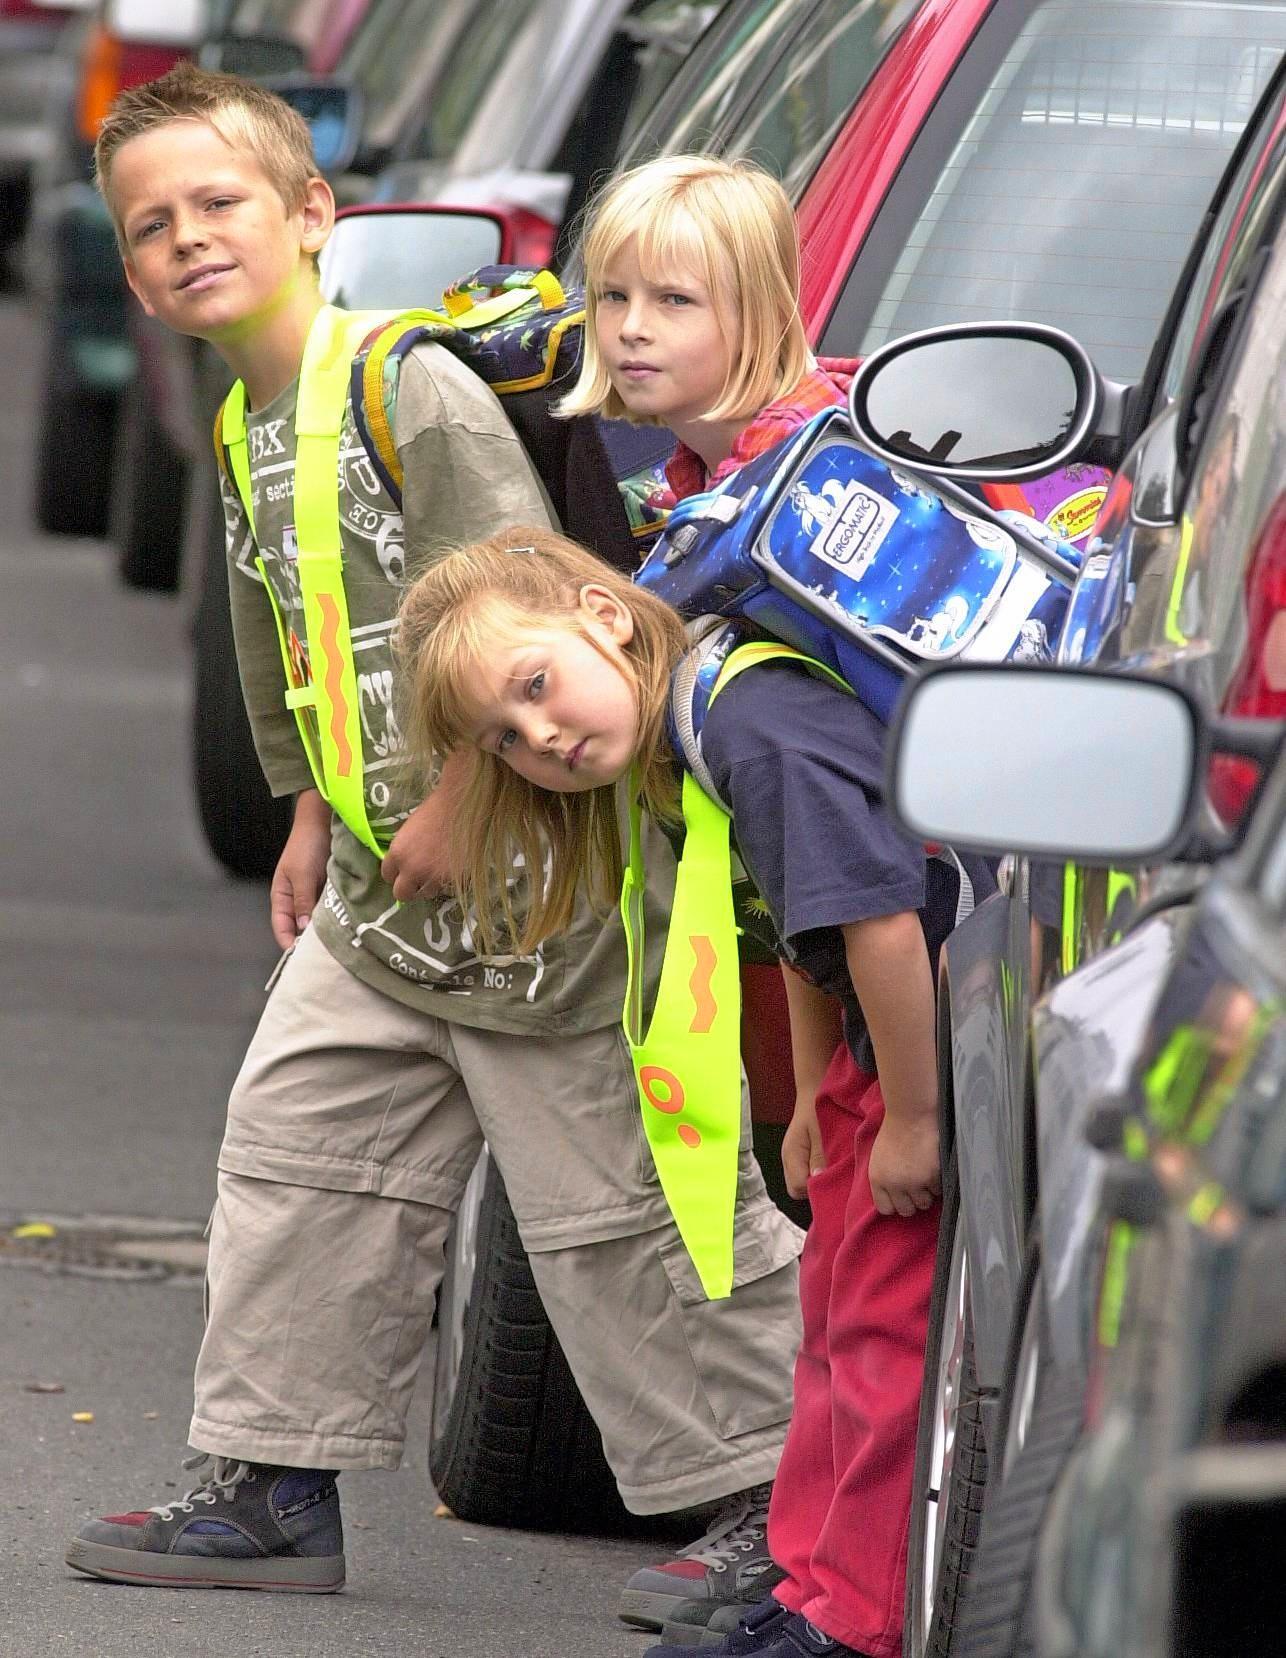 Für Erstklässler beginnt die aktive und regelmäßige Teilnahme am Straßenverkehr. Schulanfänger sind aufgrund ihres Entwicklungsstandes schnell überfordert und leicht abzulenken. Autofahrer sollten daher Vorsicht walten lassen. Foto: dpa